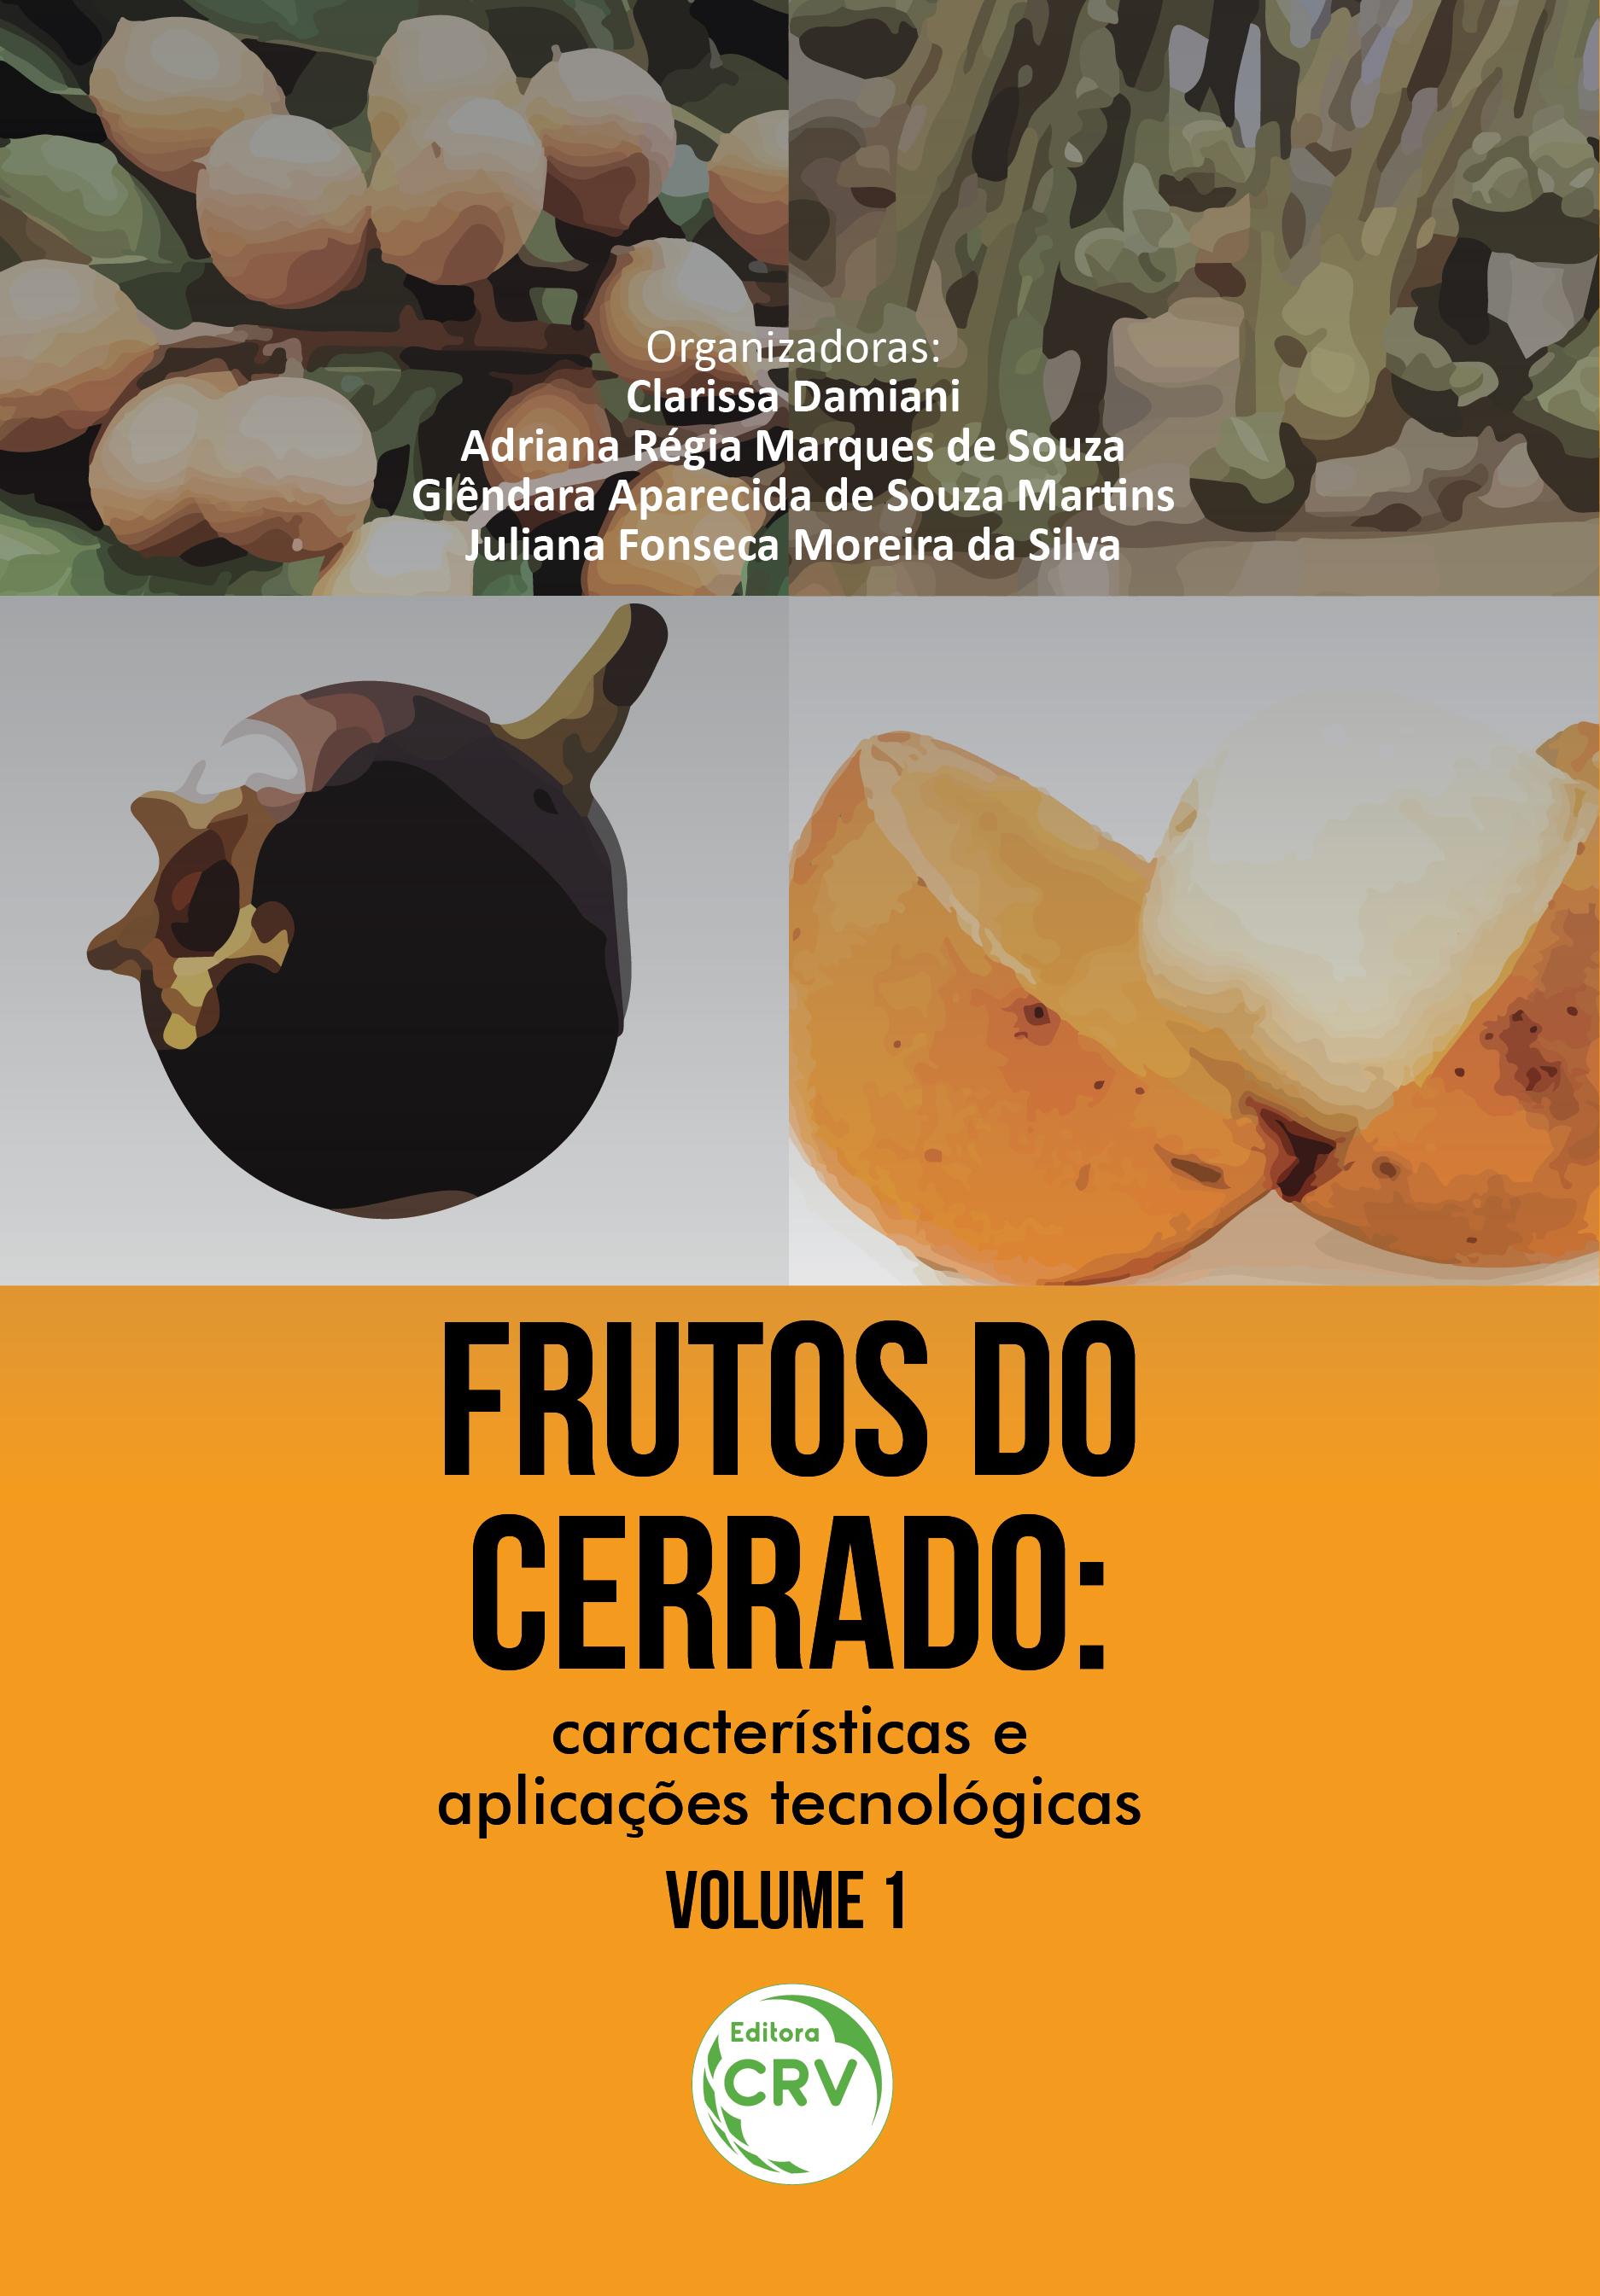 Capa do livro: FRUTOS DO CERRADO: <br>características e aplicações tecnológicas<br> Volume 1